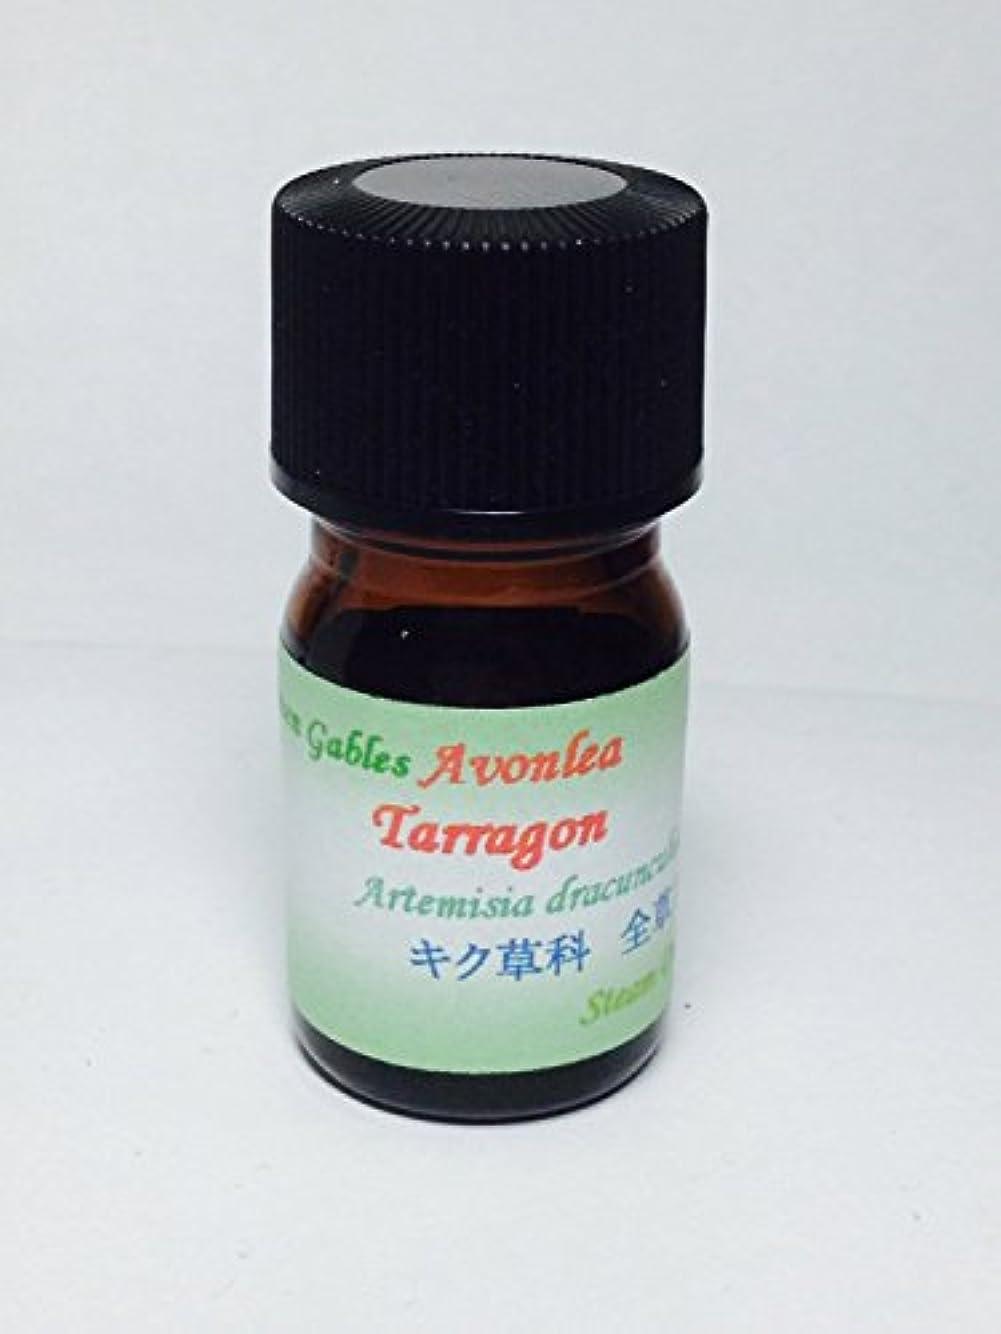 該当する倍増評価タラゴン ( エストラゴン ) 100% ピュア エッセンシャル オイル 高級精油 5ml